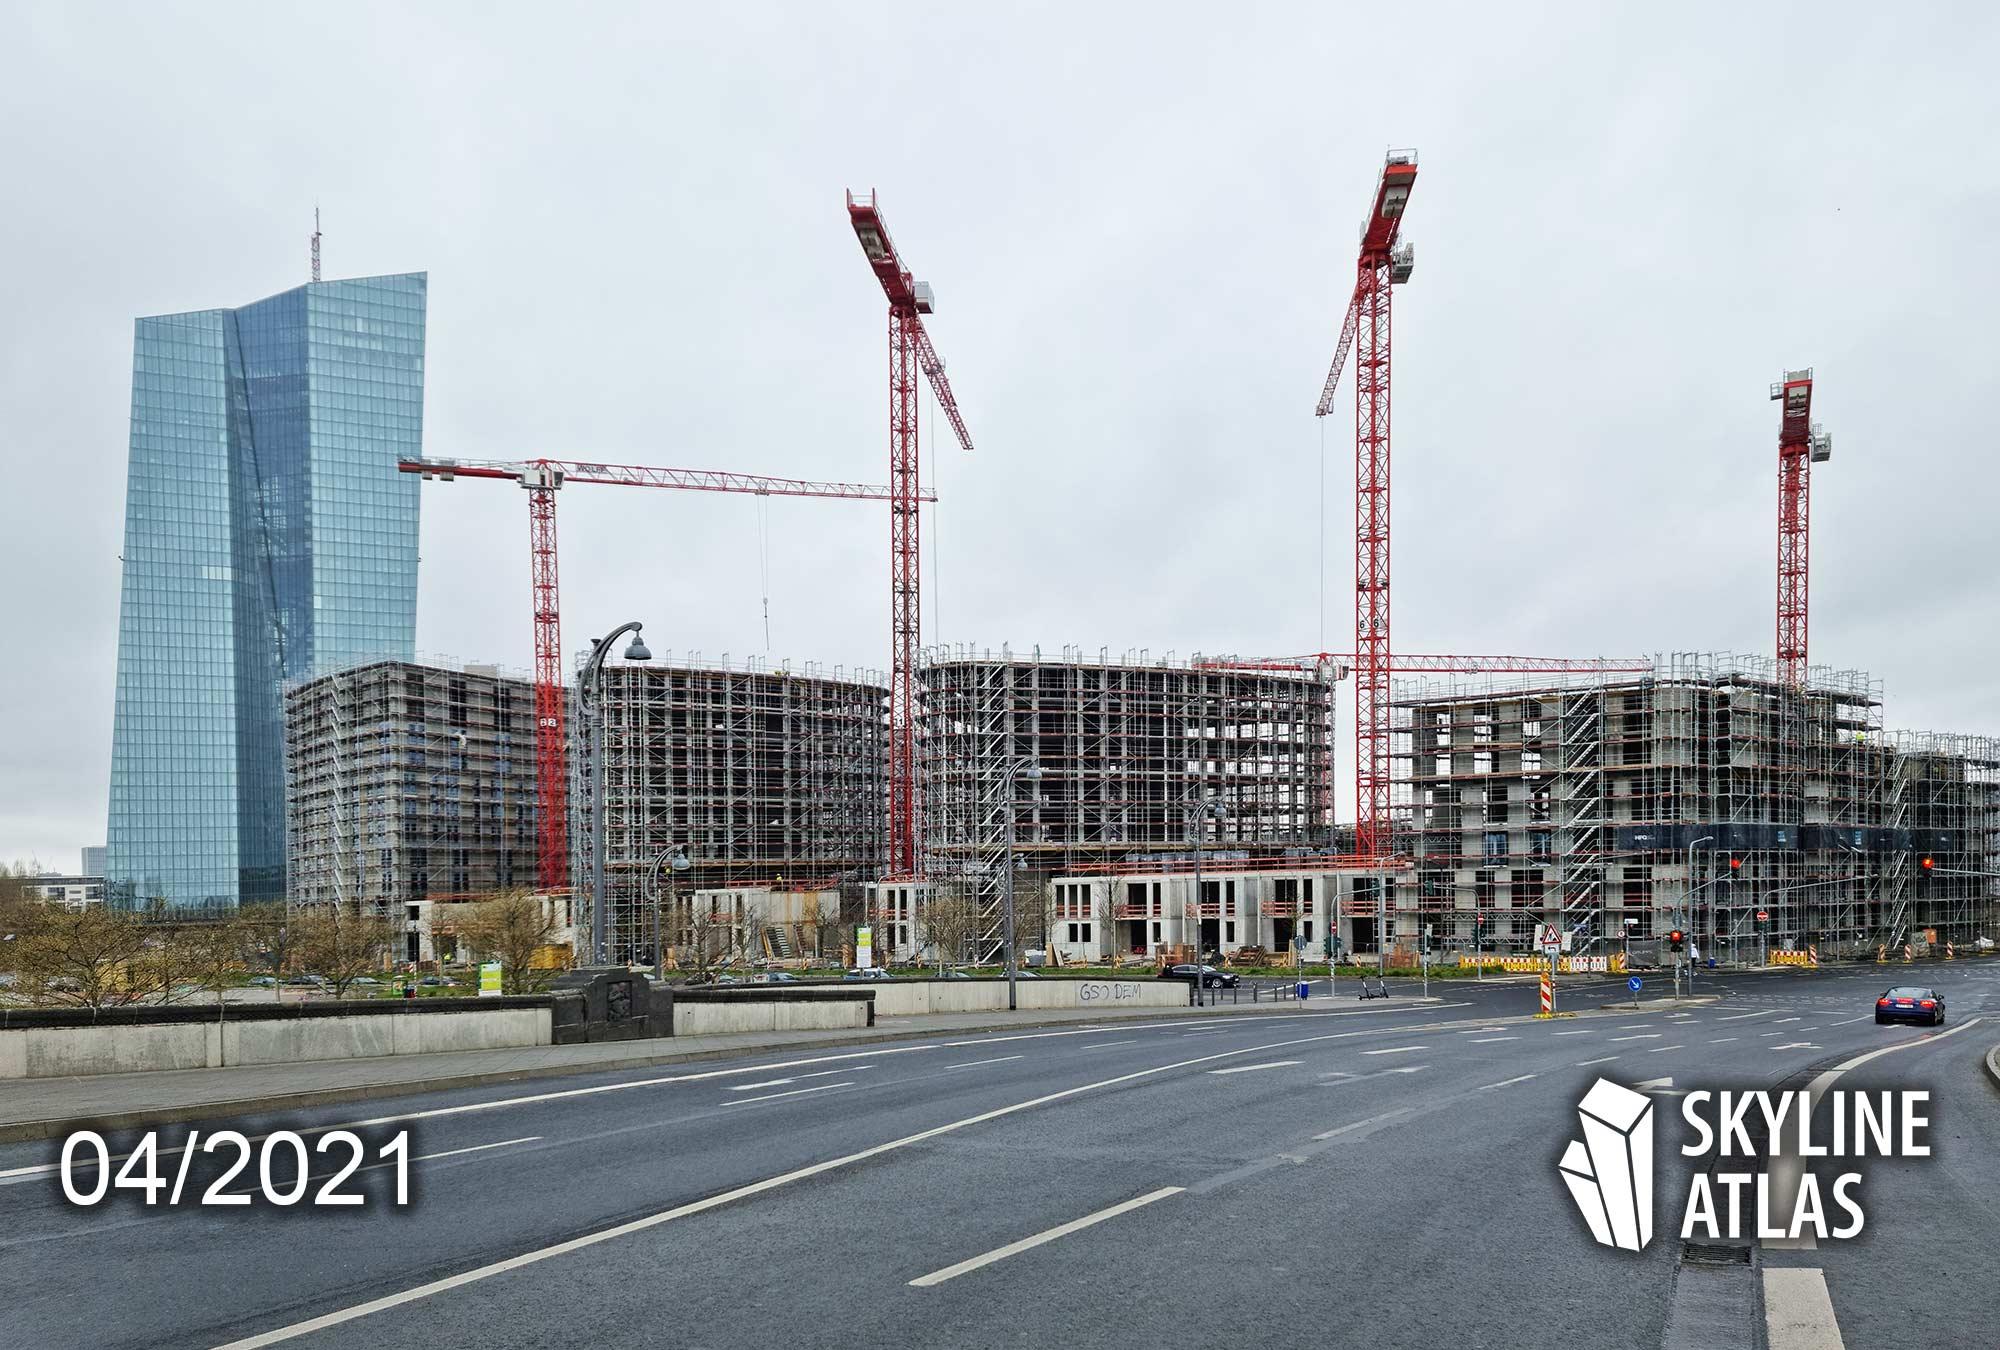 Ostend Frankfurt Wohnungen - Eigentumswohnungen Frankfurt - Hafenpark Wohnungen - EZB Wohnungen - April 2021 Baustelle